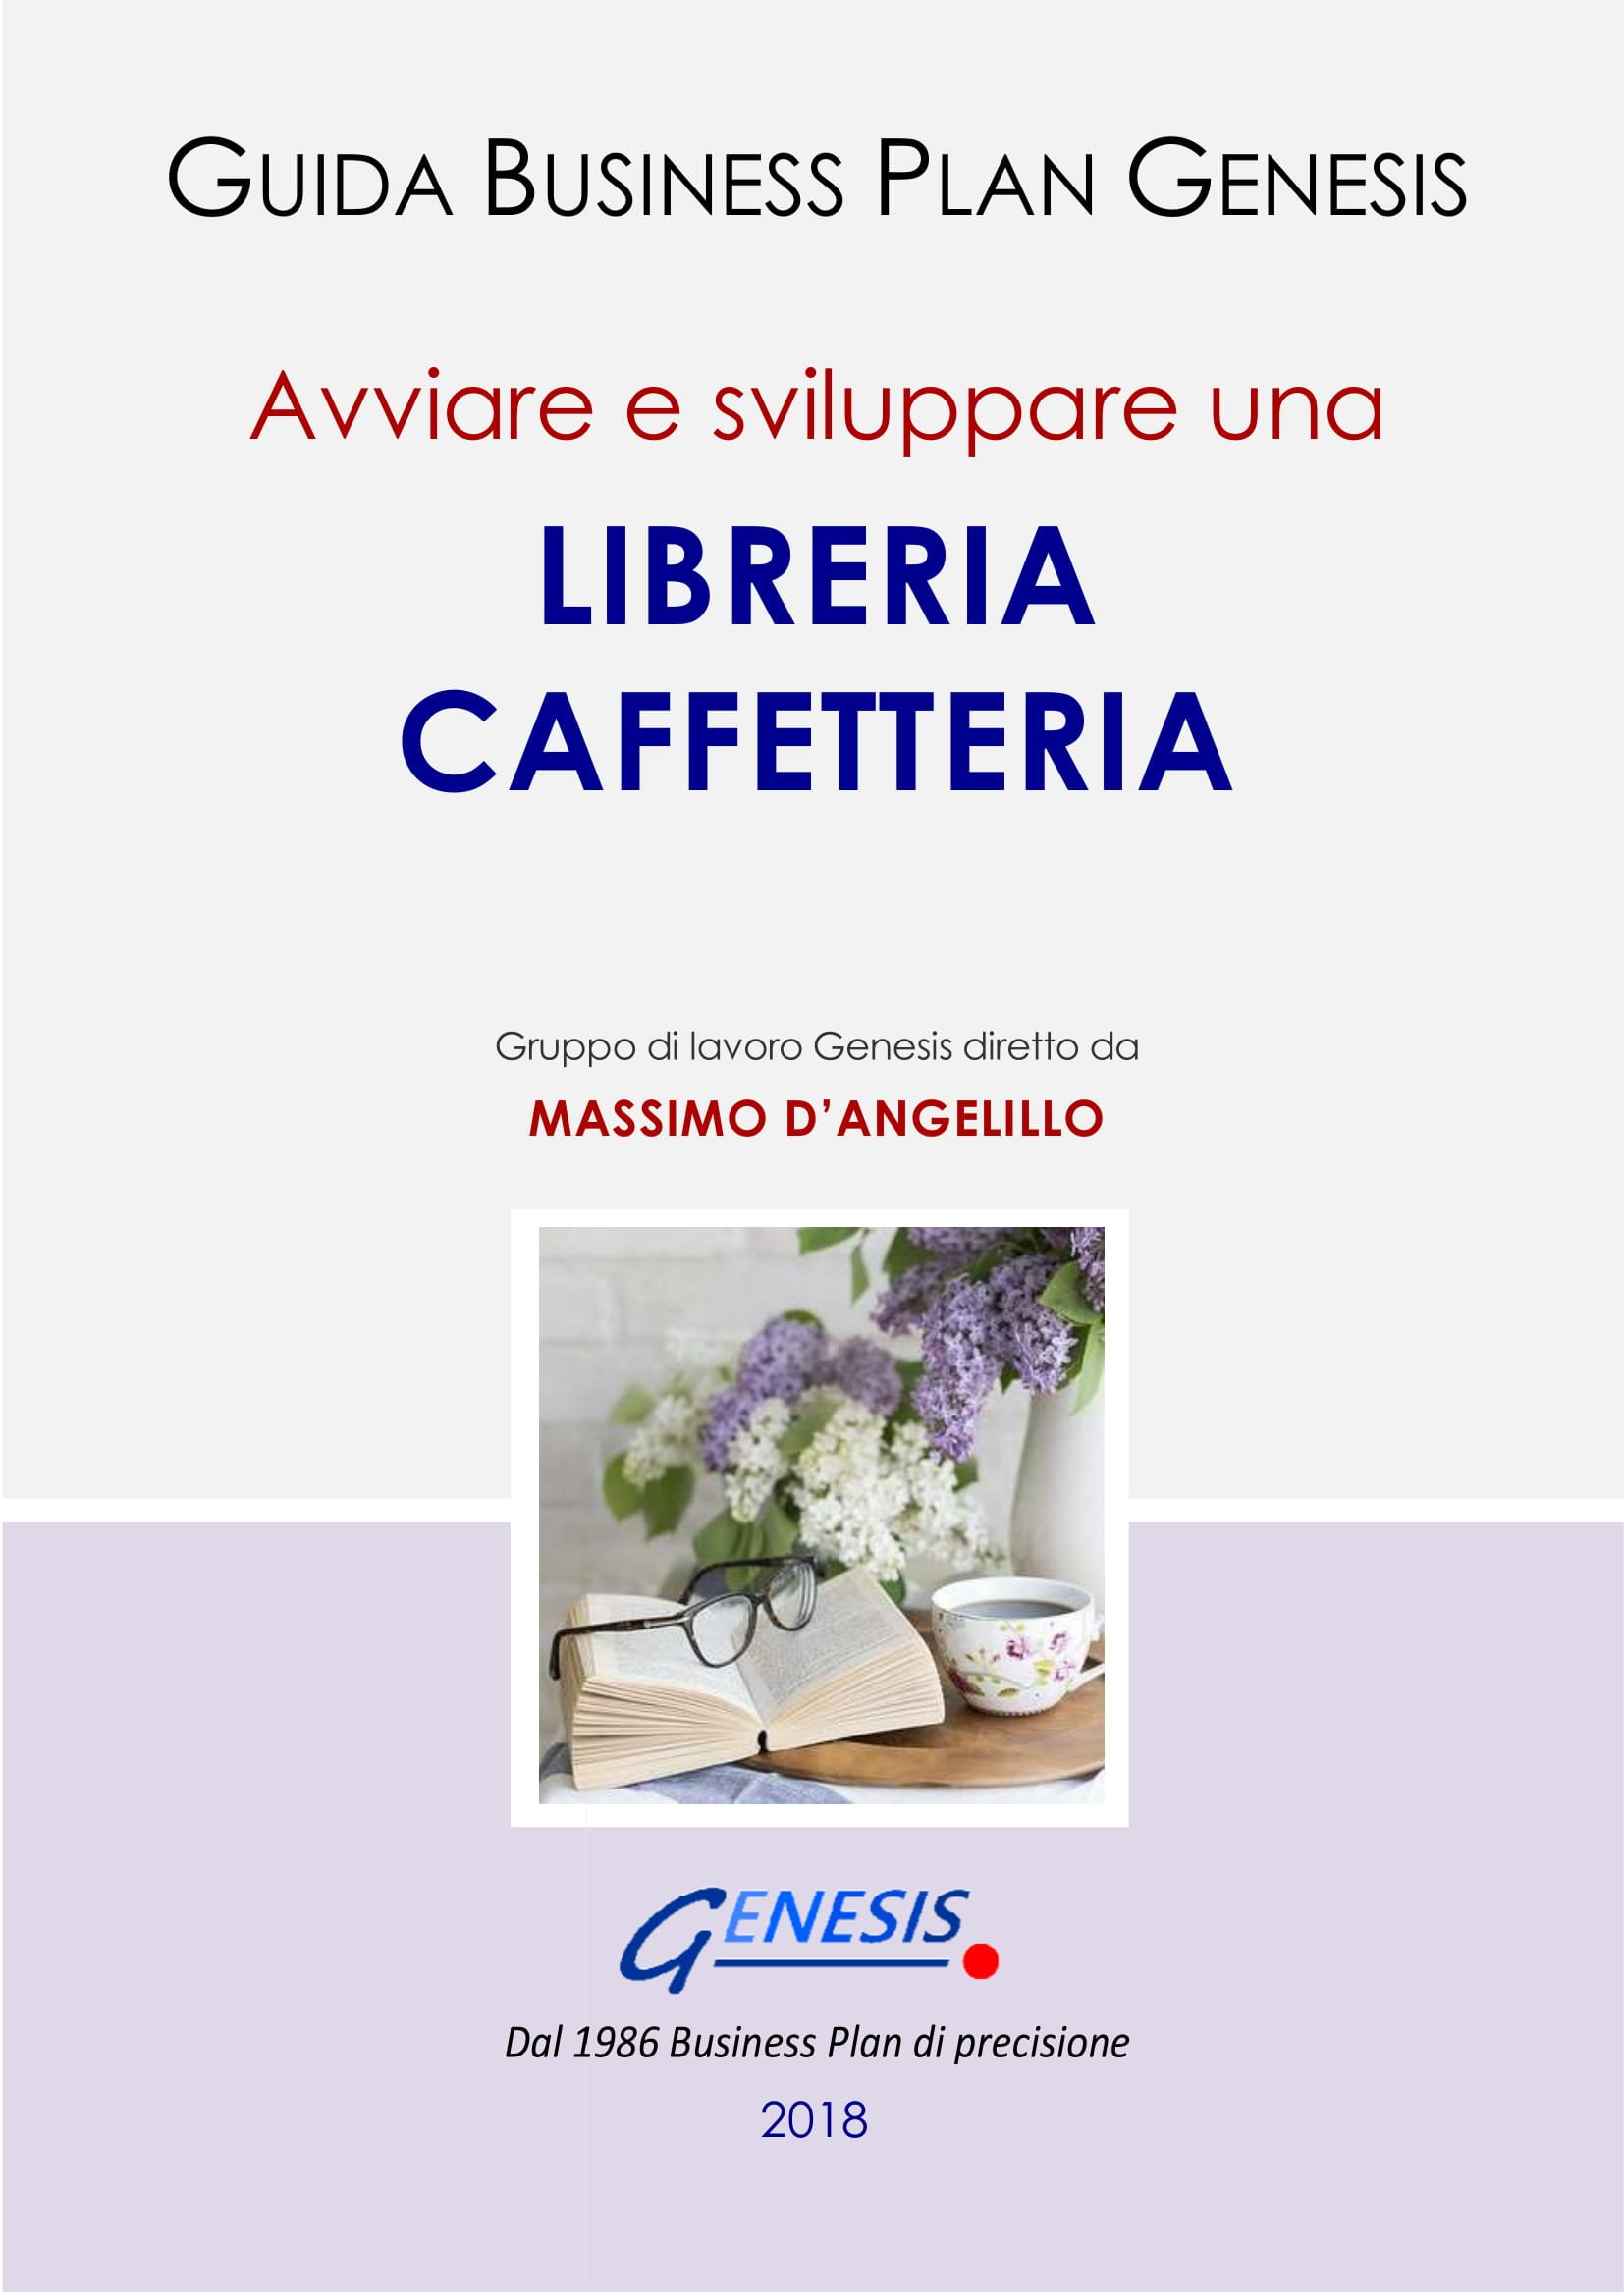 Avviare-Libreria-Caffetteria